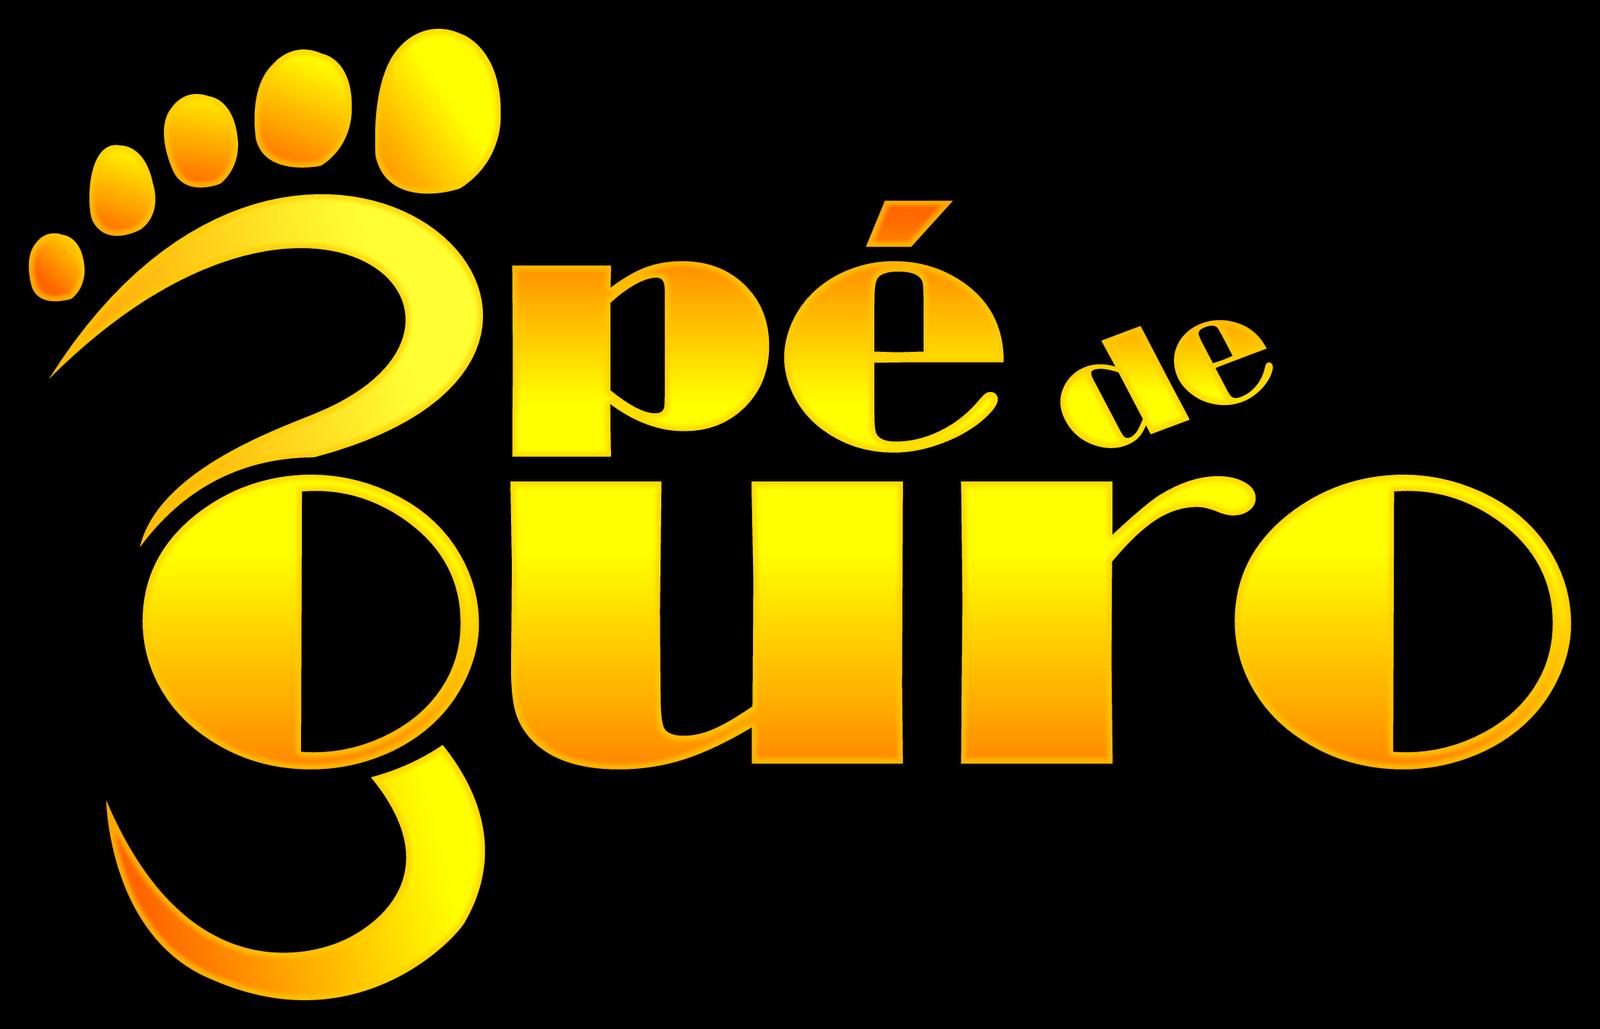 http://www.suamusica.com.br/#!/ShowDetalhes.php?id=447745&pe-de-ouro-repert%C3%B3rio-novo-de-agosto-remasterizado-pra-pared%C3%A3o.html